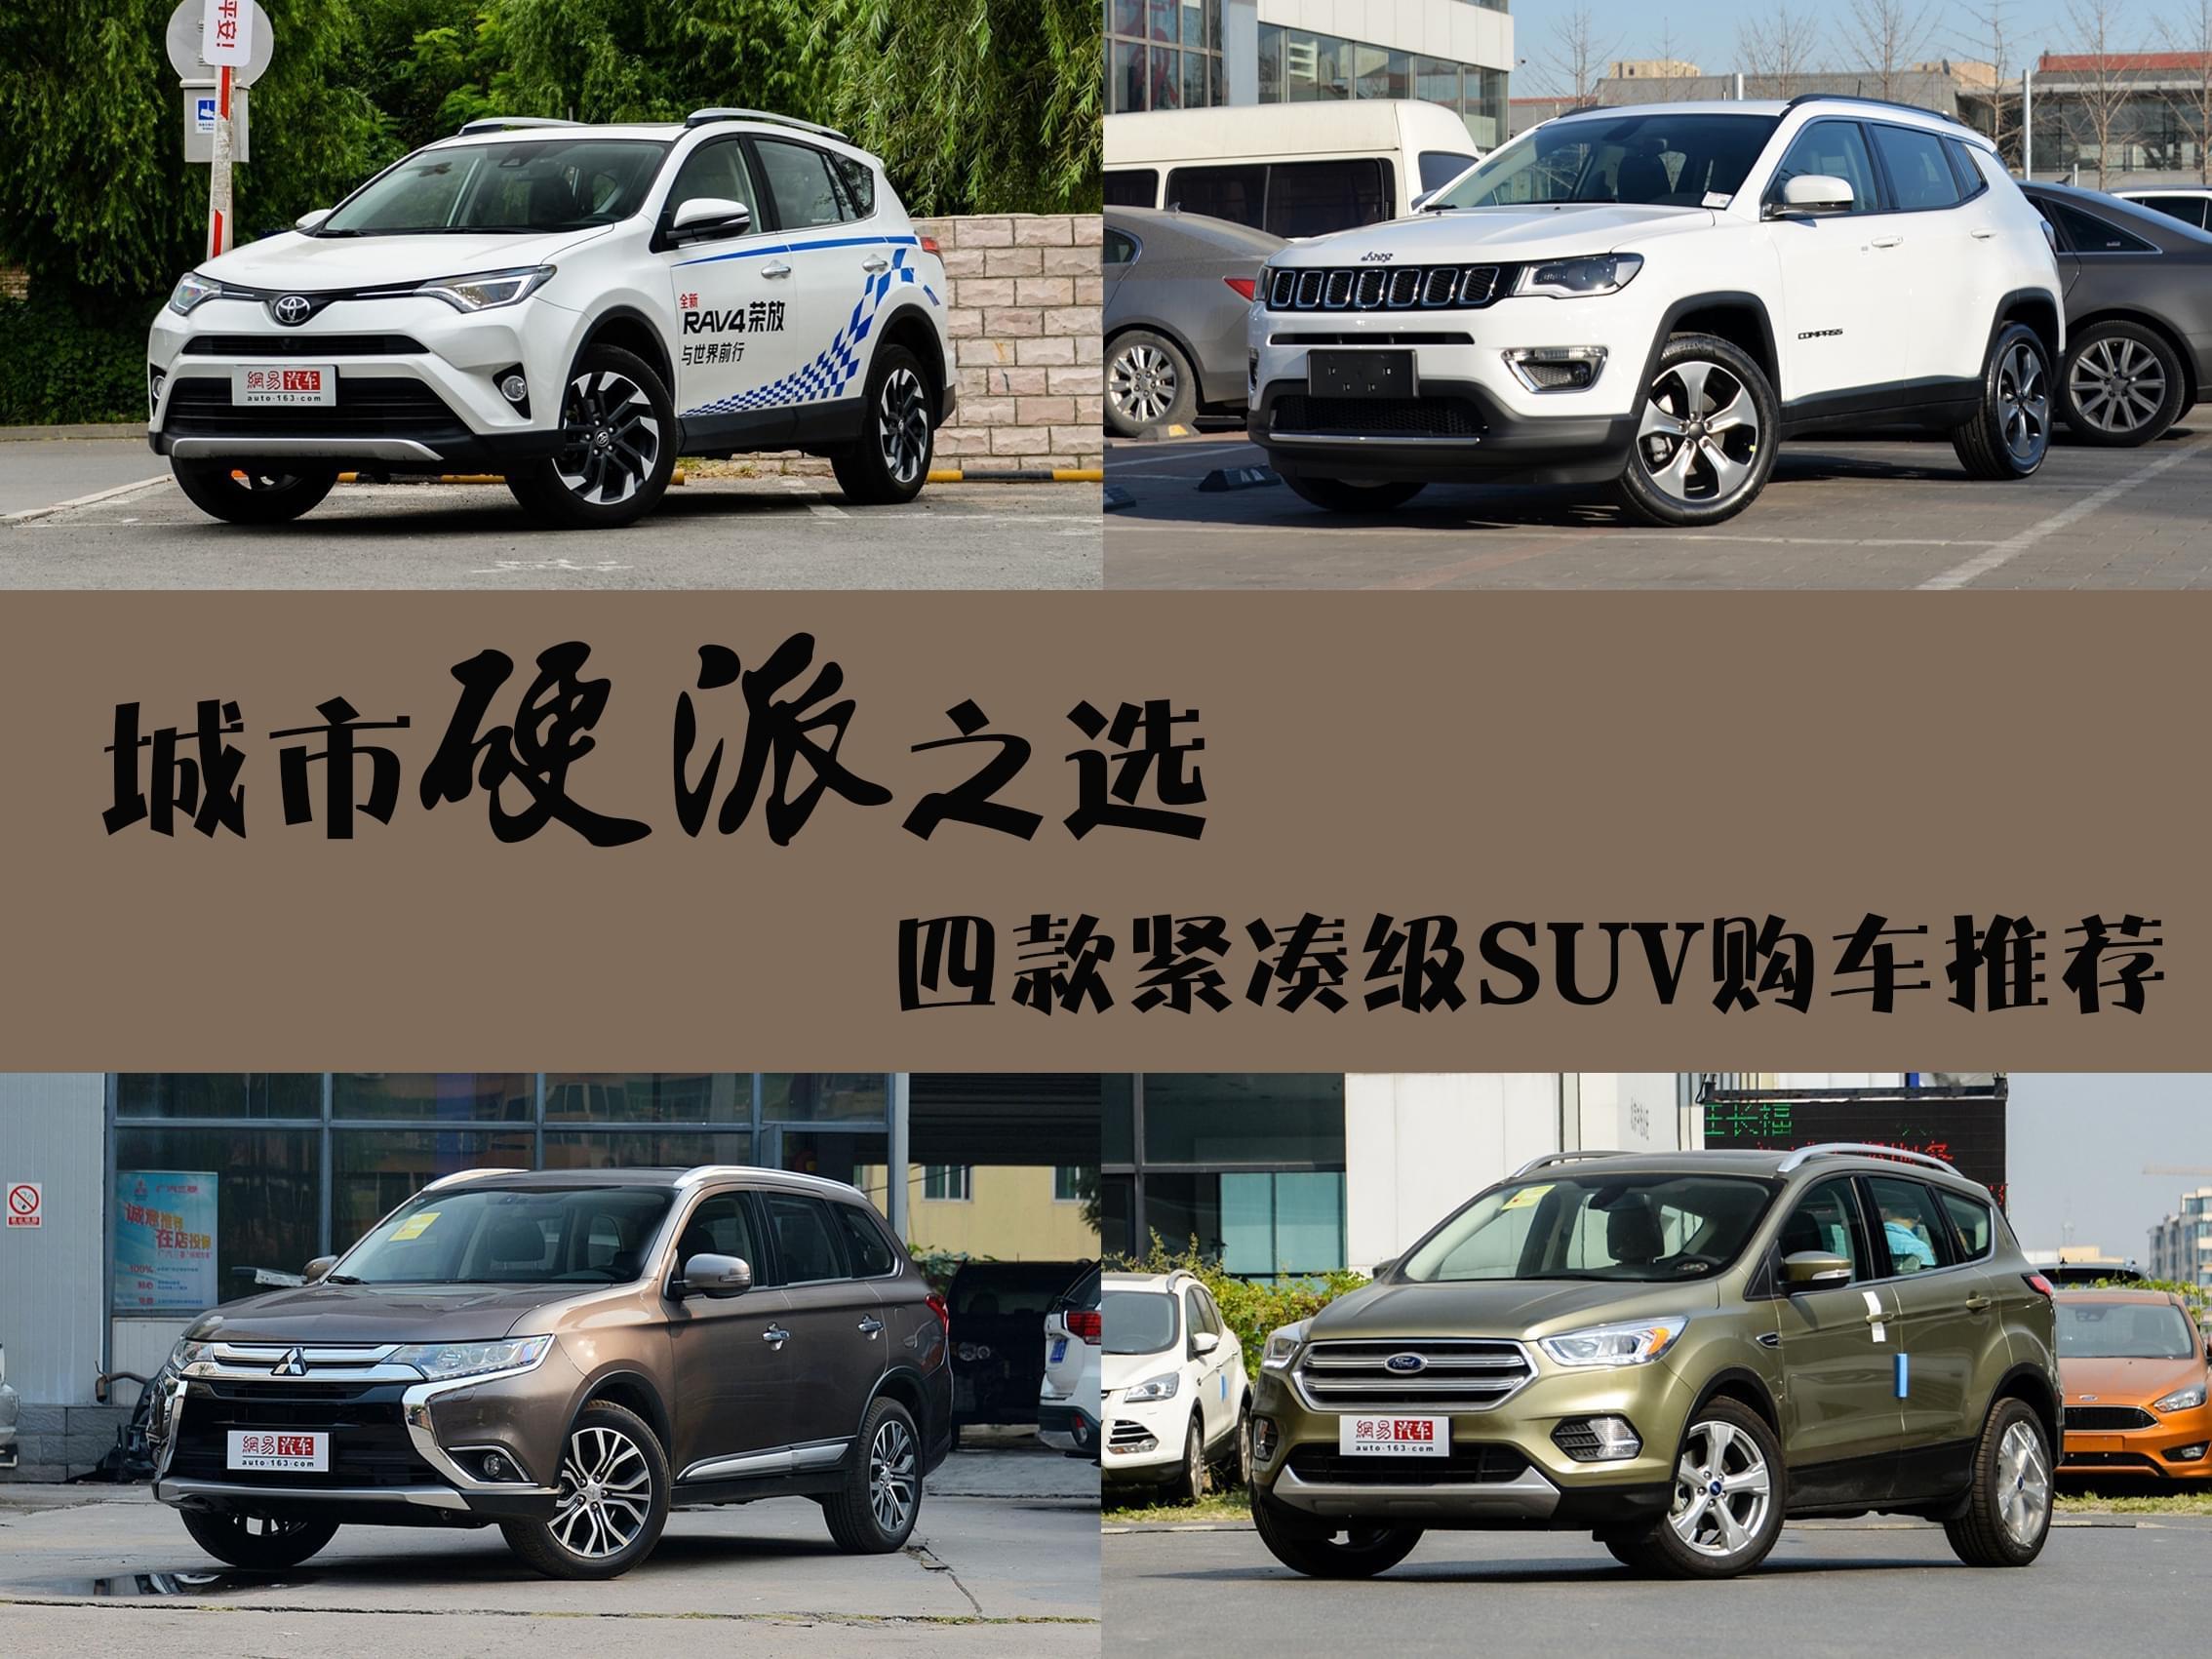 城市硬派之选 四款紧凑级SUV购车推荐